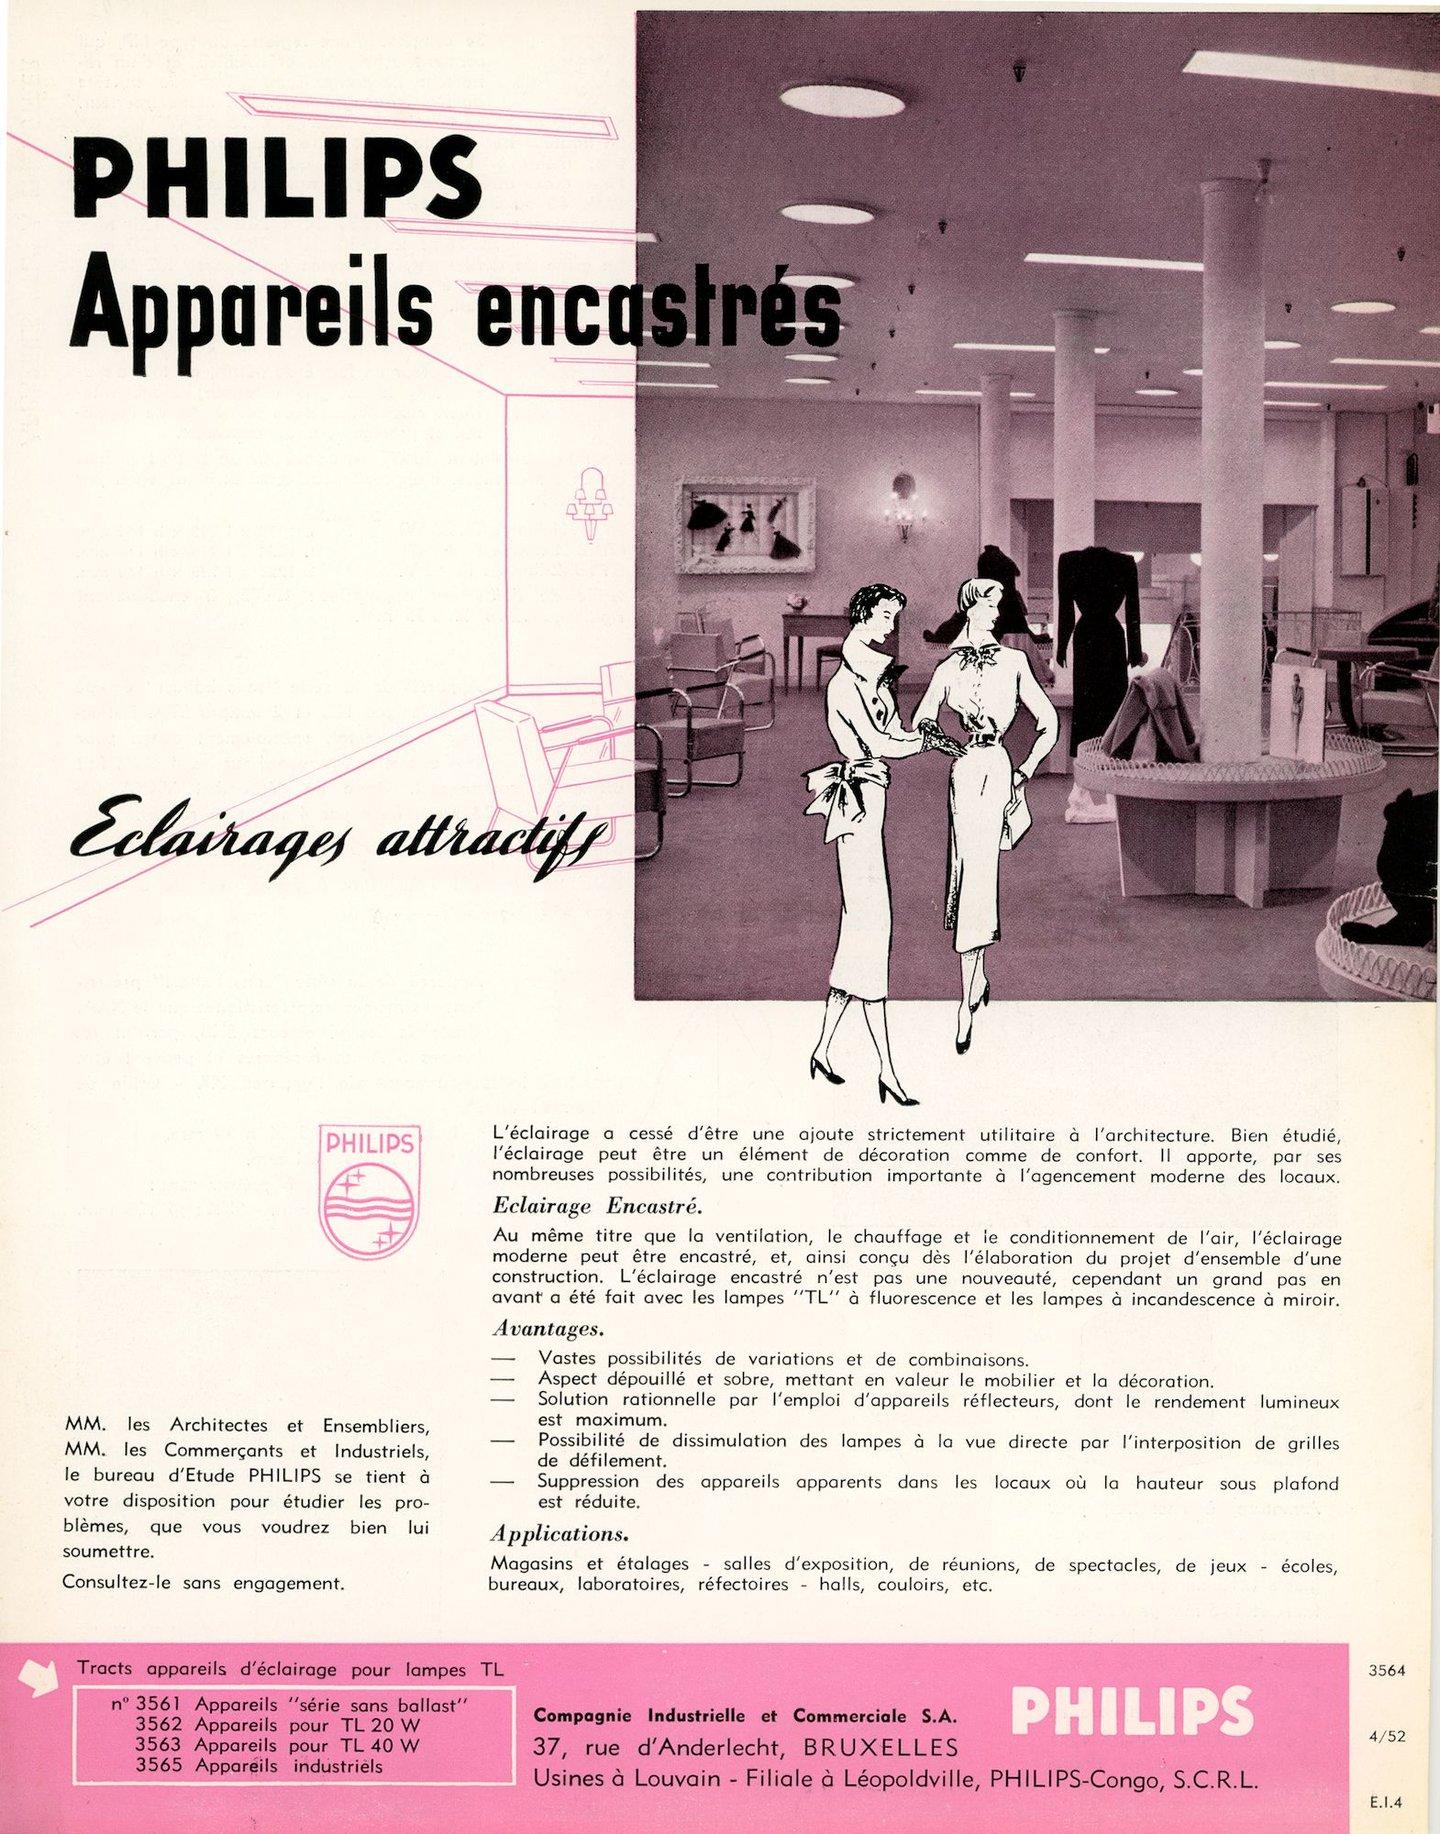 Philips appareils encastrés, eclairages attractifs